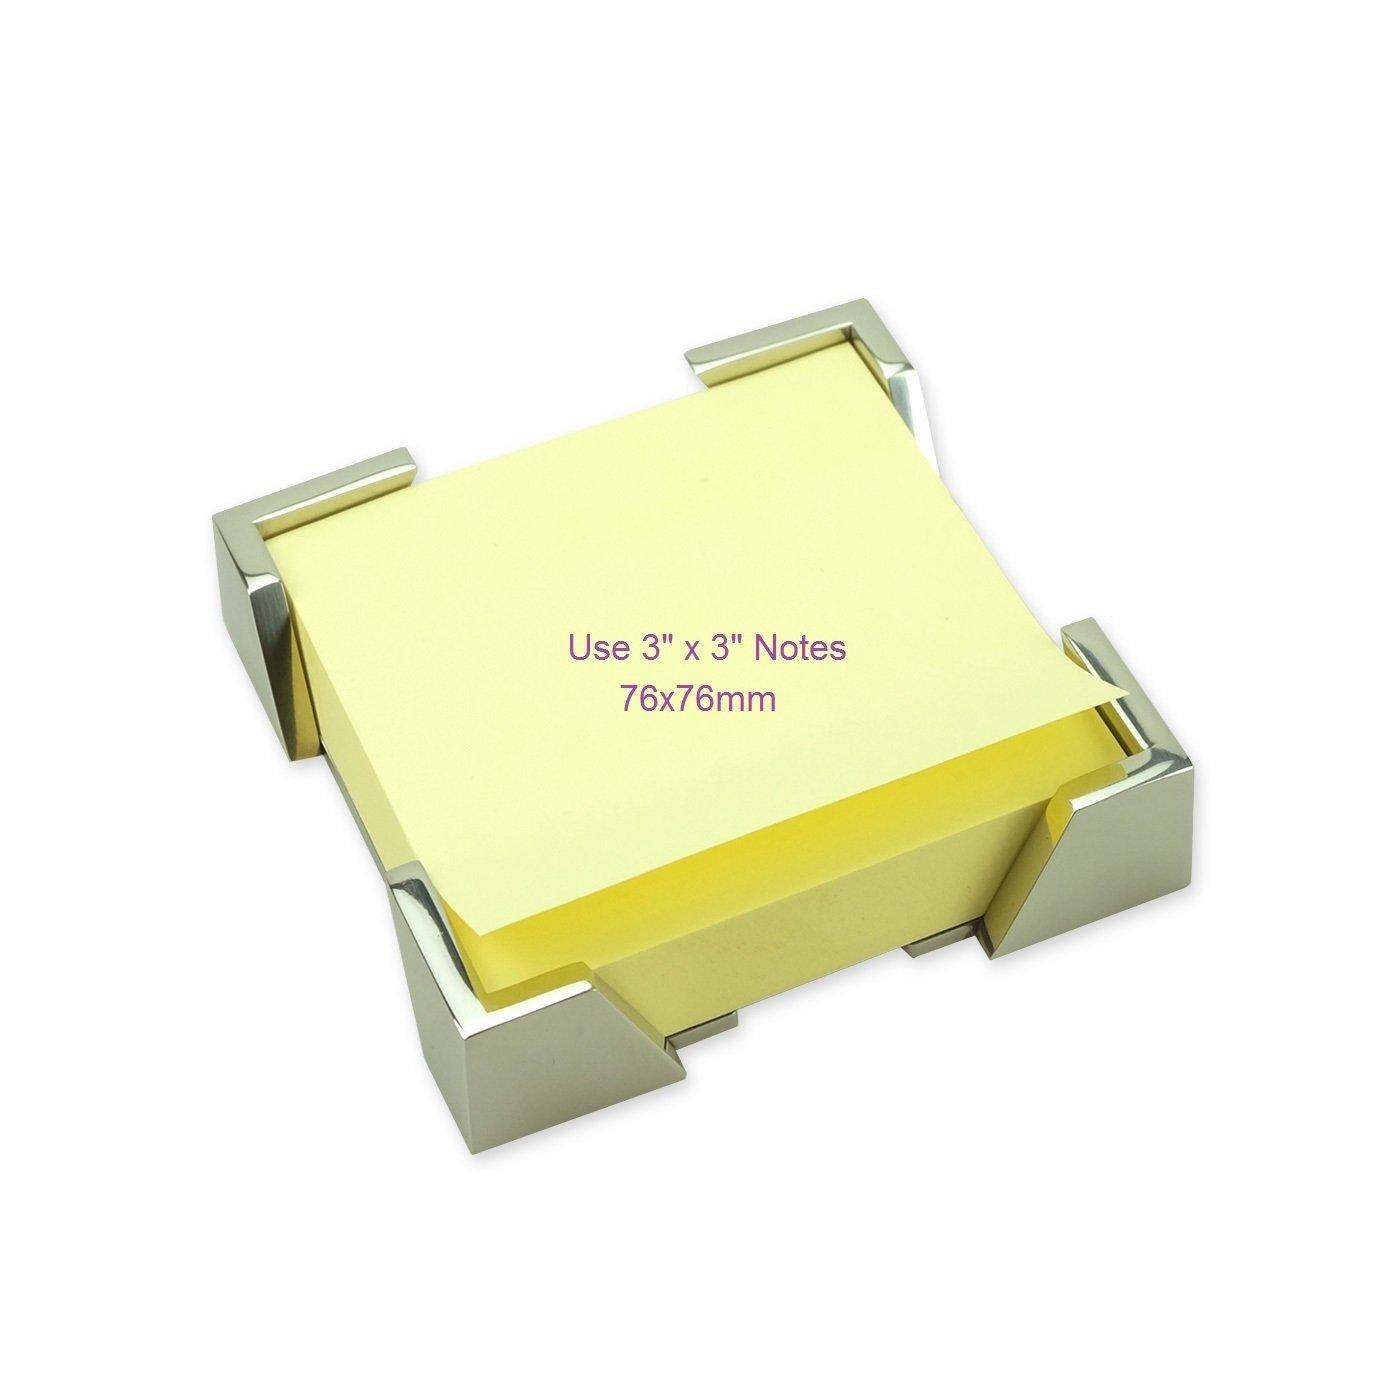 ArtsOnDesk Arte Moderno Notas Adhesivas Titular Mr109 Acero Inoxidable espejo pulido Dispensador de Notas Adhesivas Bueno para la Nota de Post Organizador ...